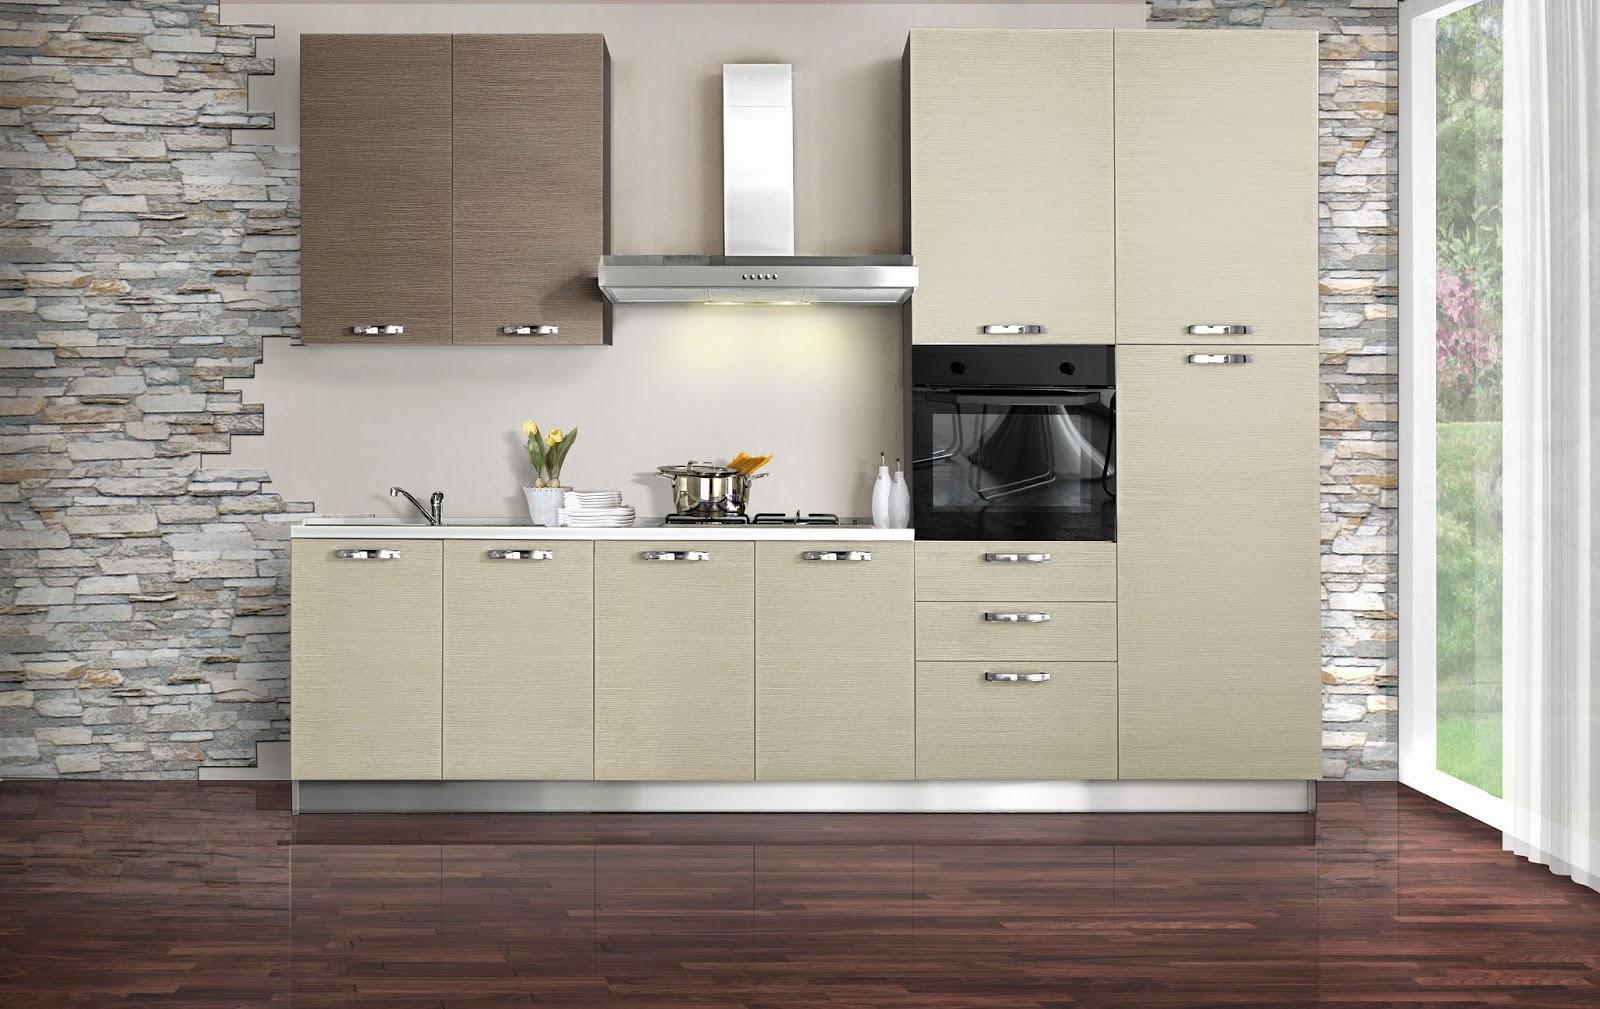 eva arredamenti - il tuo nuovo modo di fare casa: promozione top ... - Eva Arredamenti Cucine